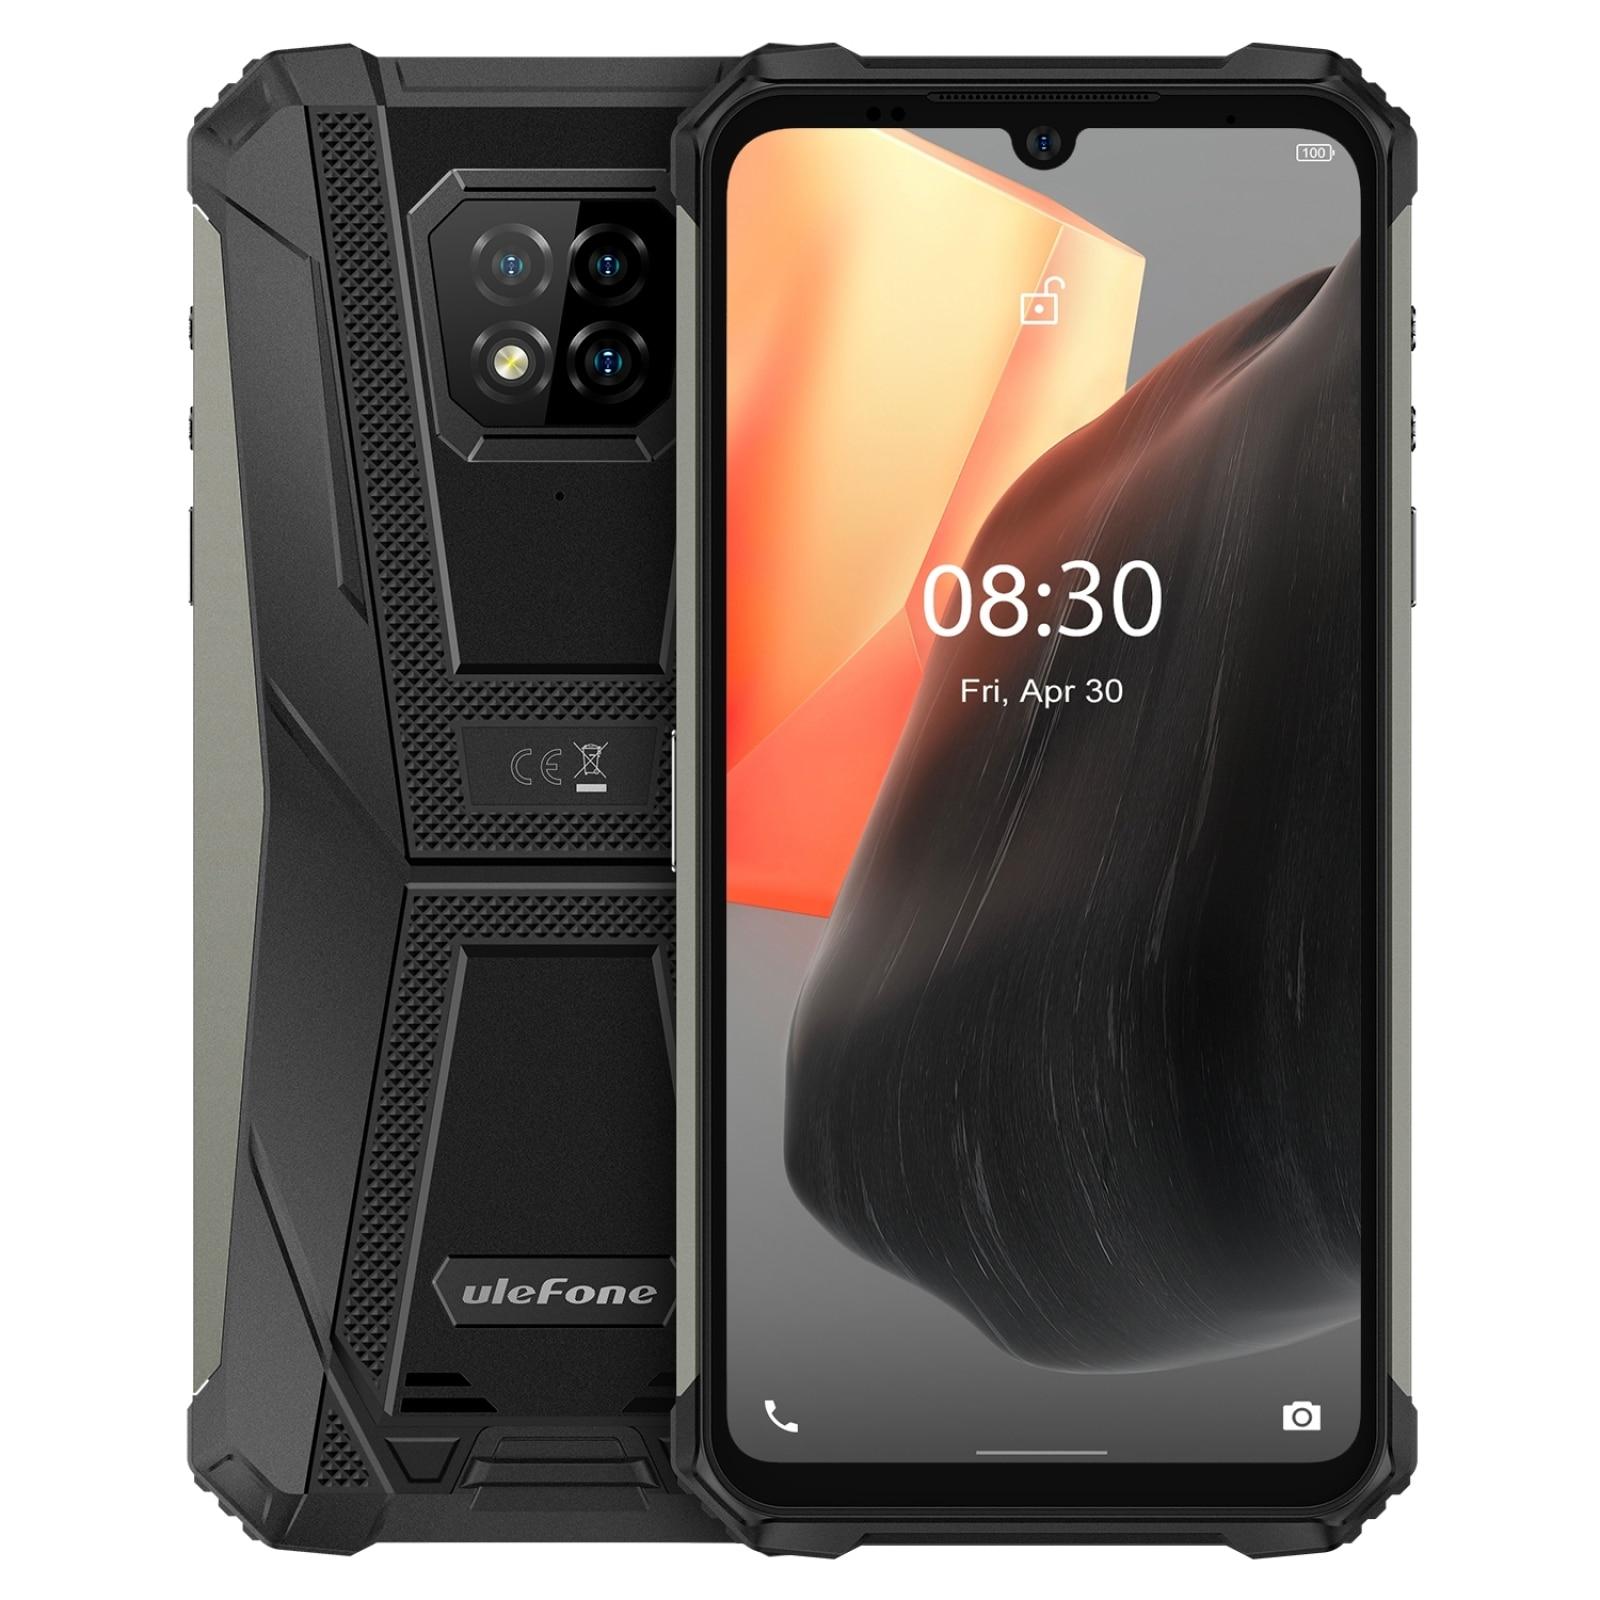 Перейти на Алиэкспресс и купить Чехол-накладка Ulefone броня для Huawei Honor 8 Pro IP68 прочный смартфон 6 + 128 ГБ Водонепроницаемый мобильный телефон 6,1 дюймЭкран Android 11 Helio P60 Octa Core NFC OTG